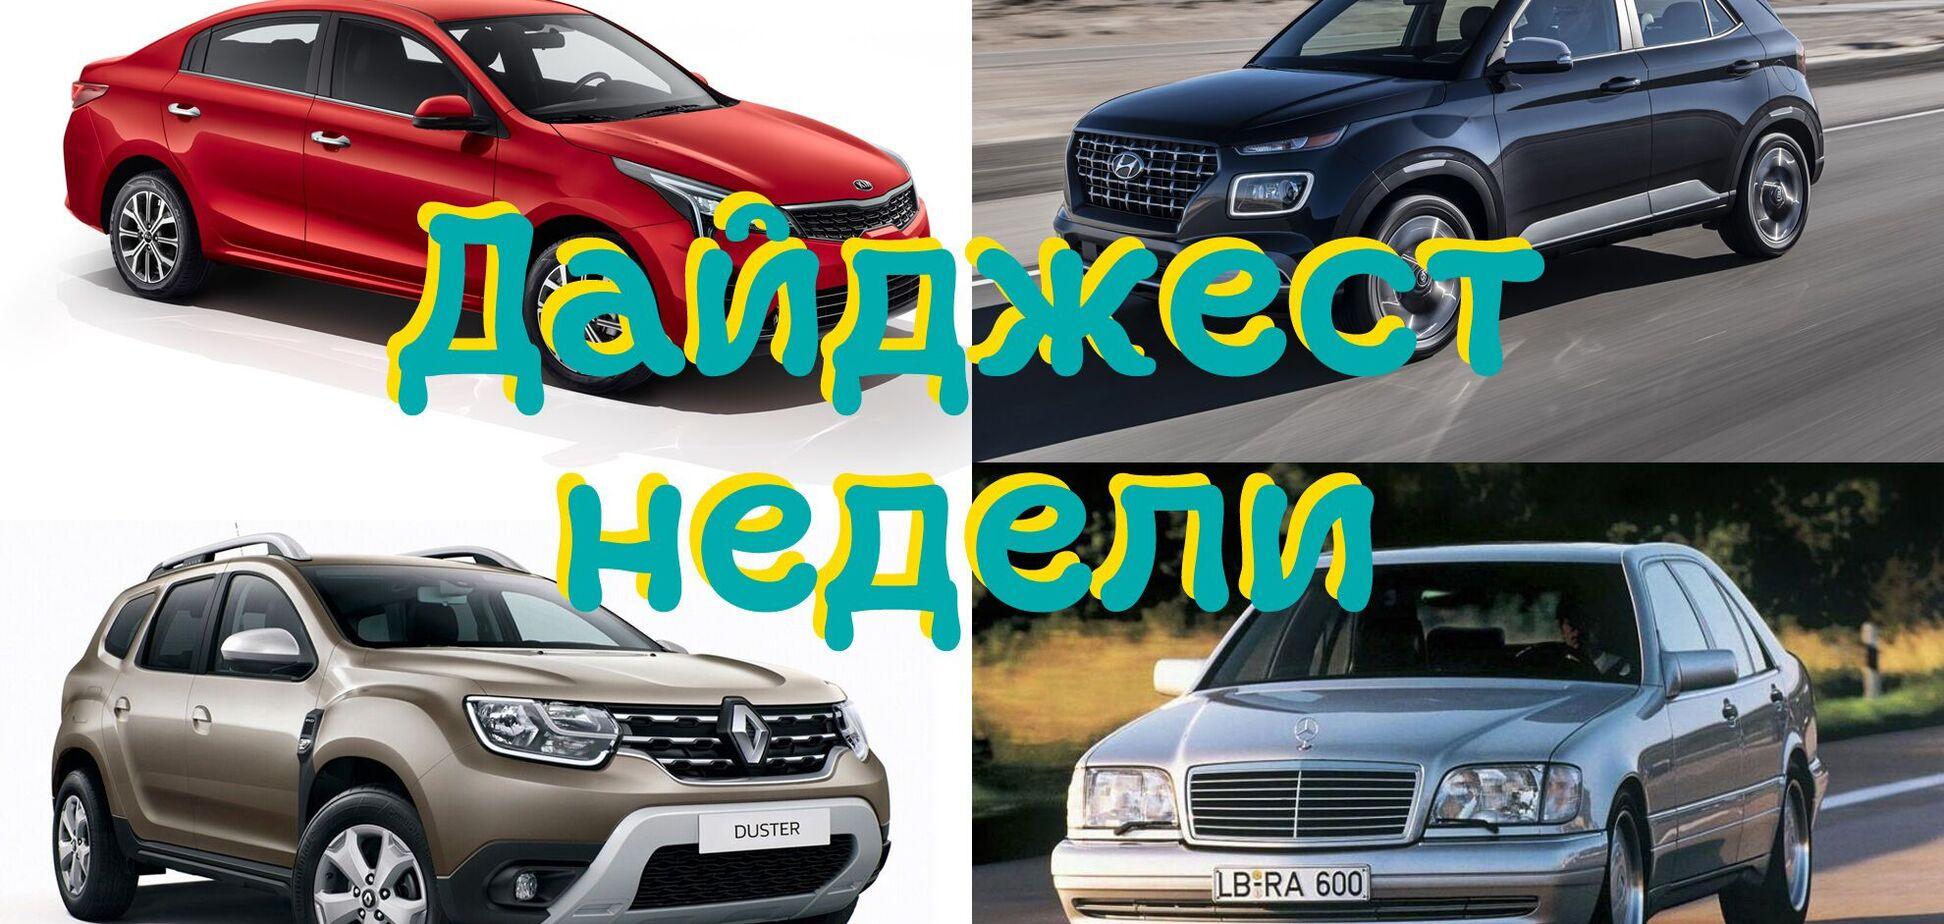 Kia від ЗАЗу, штрафи за відсутність страховки, зростання цін: головне за тиждень